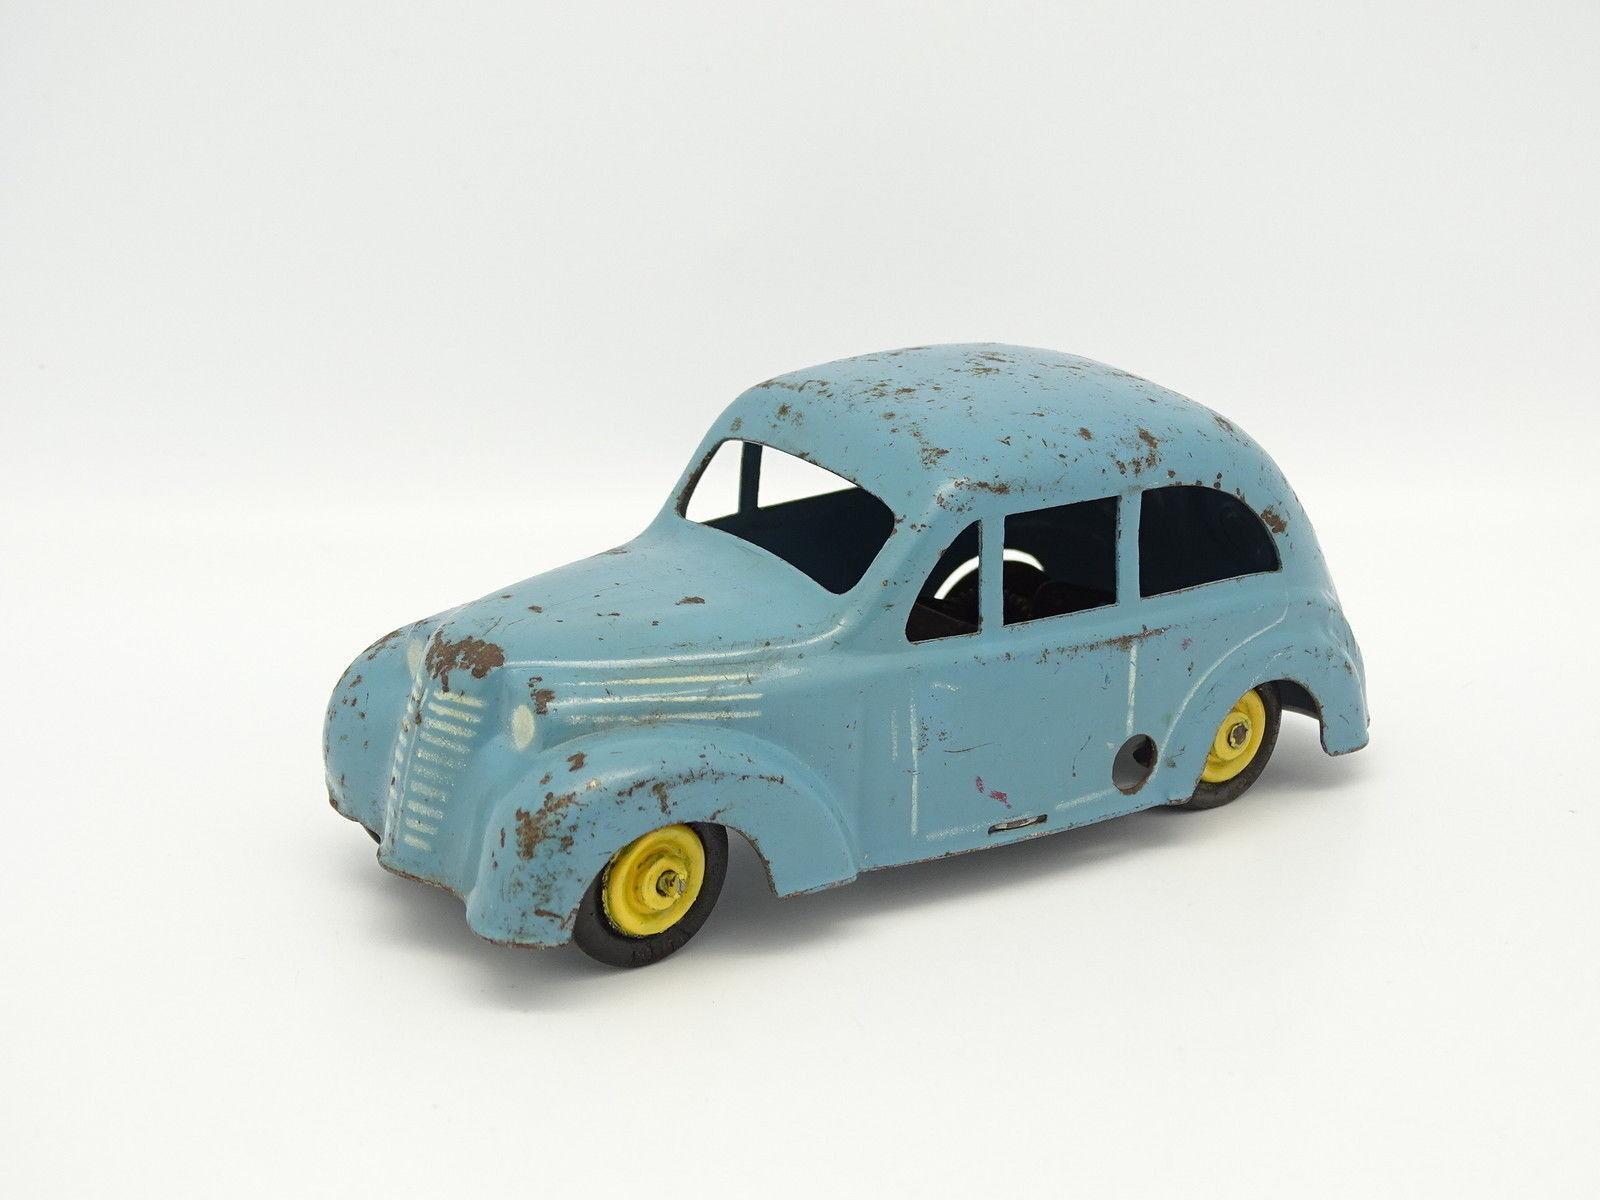 Cij Chapa de de de Metal Llave - Renault Juvaquatre blue bb4dd0